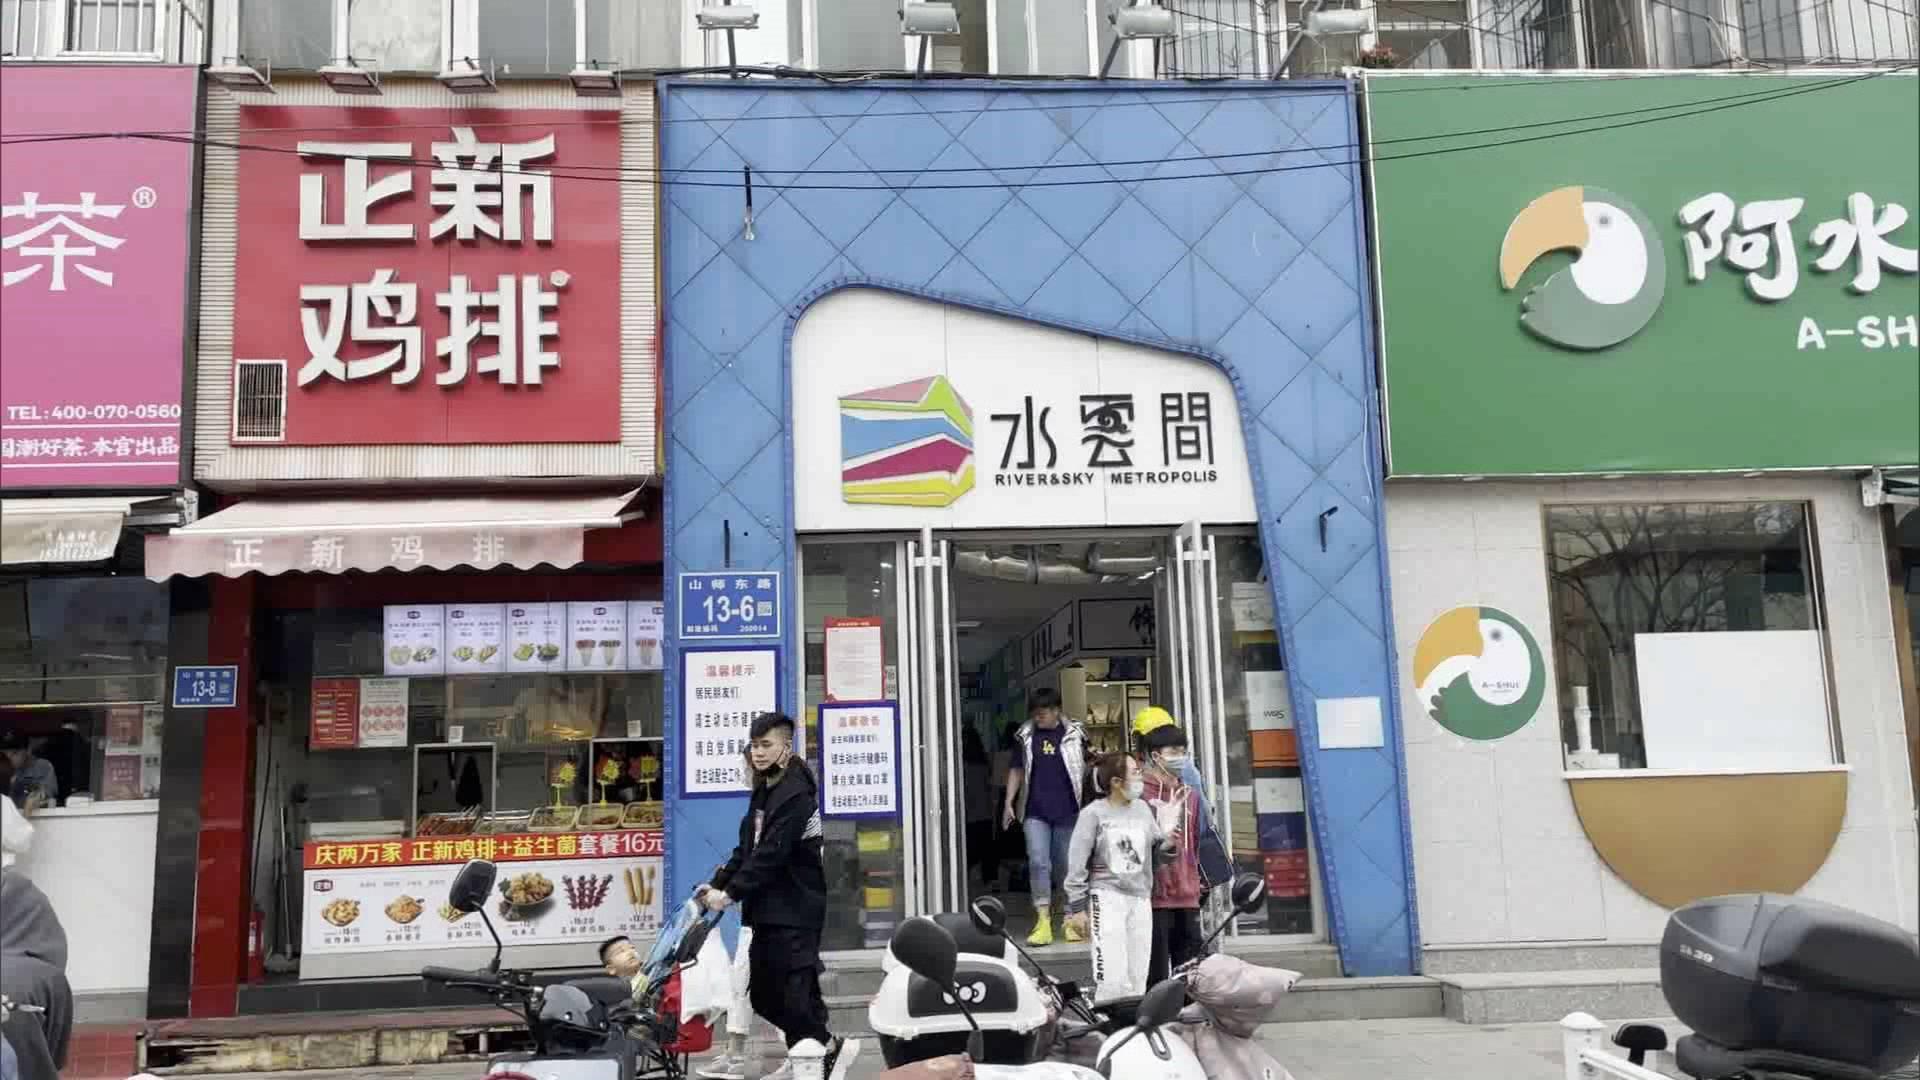 171秒|淄博、济南等地存在化妆品标签内容不全问题 济南山师东路一化妆品店违规产品已被查封